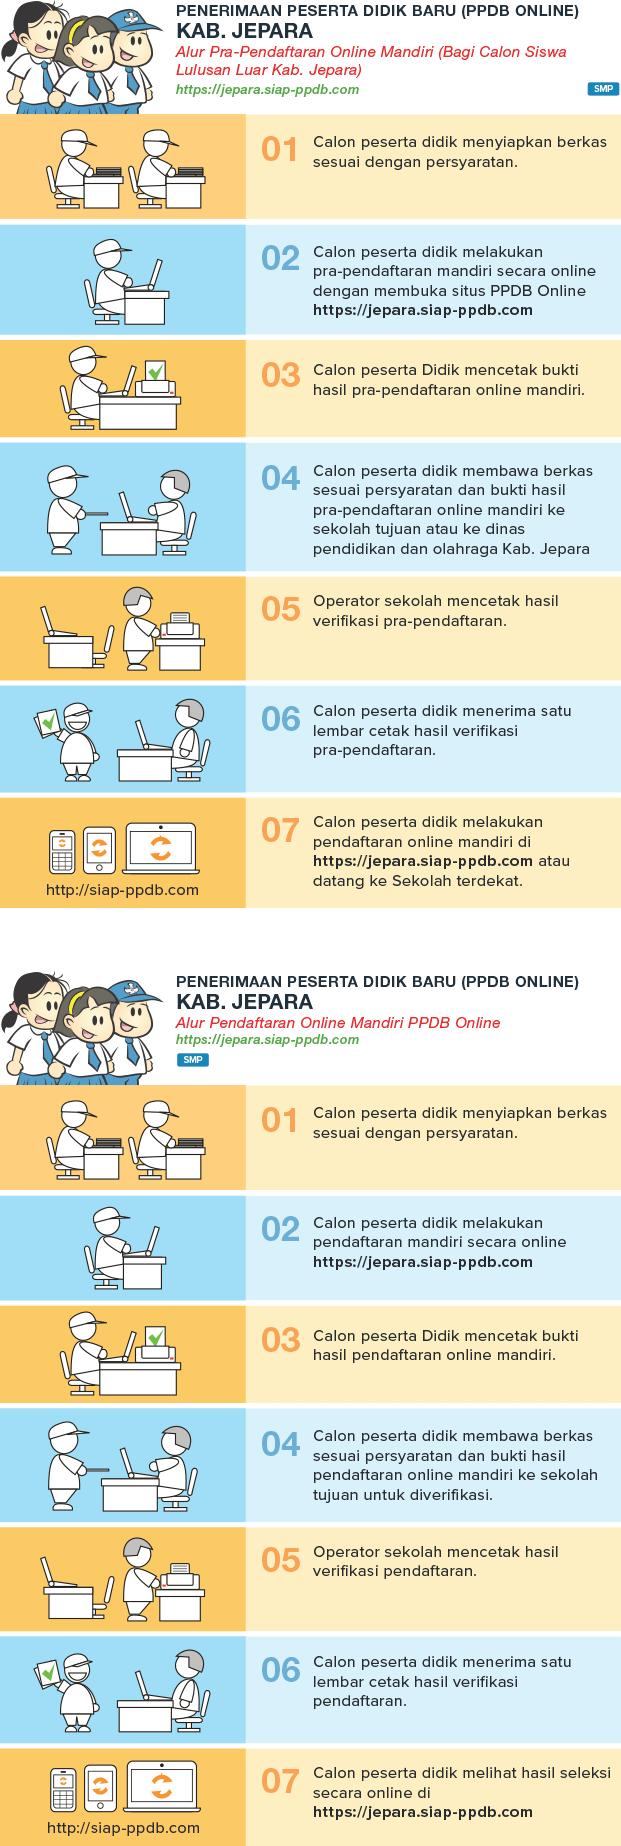 Lihat Pengumuman Hasil Seleksi PPDB SMP Kabupaten Jepara JATENG 2018/2019, Hasil PPDB Online Jenjang SMP di Kabupaten Jepara JATENG.